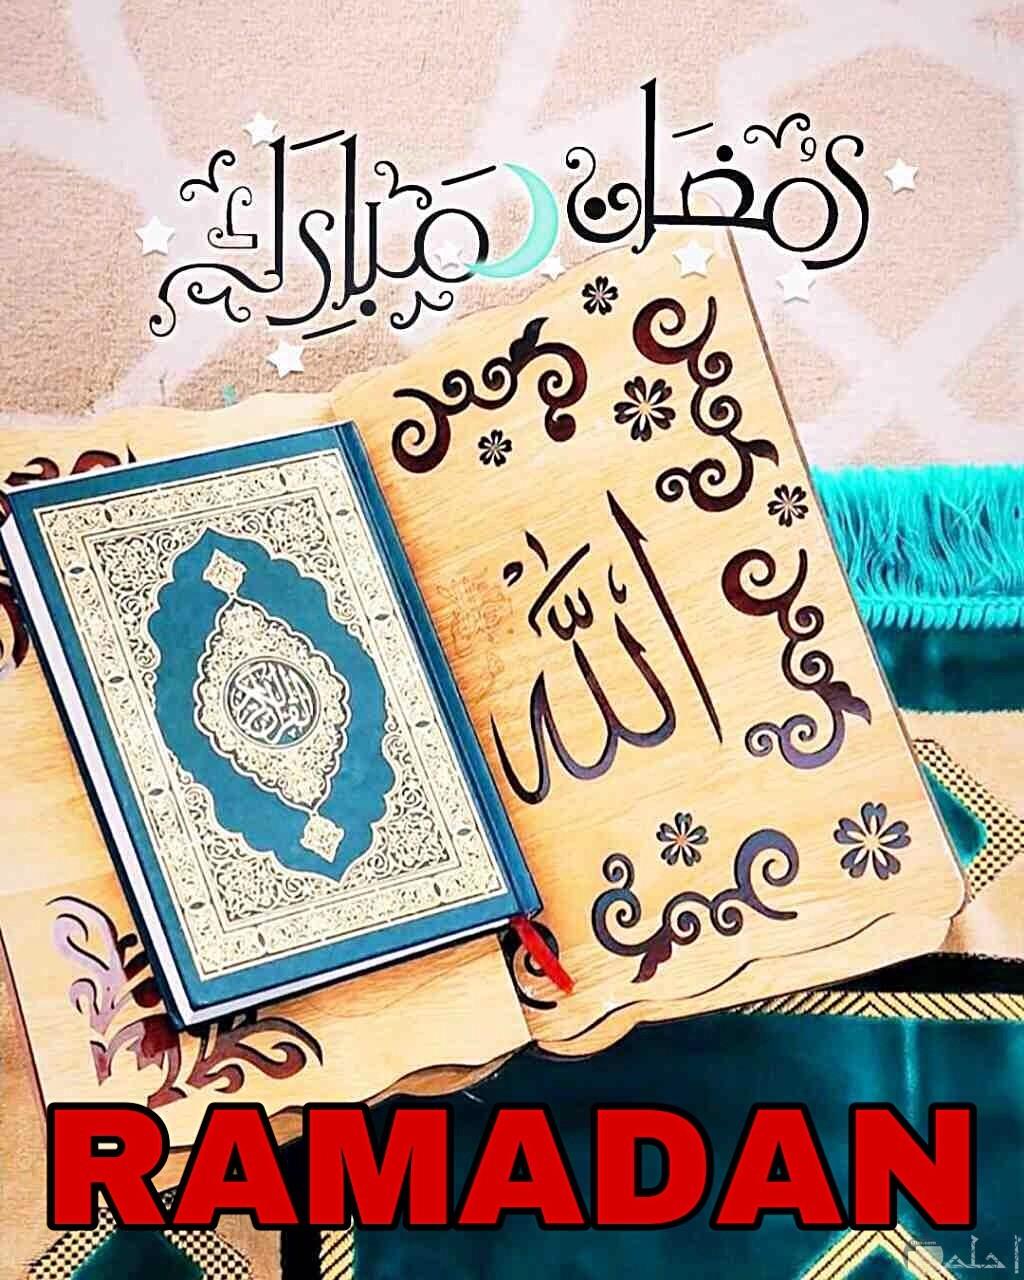 صورة لإستقبال شهر رمضان.